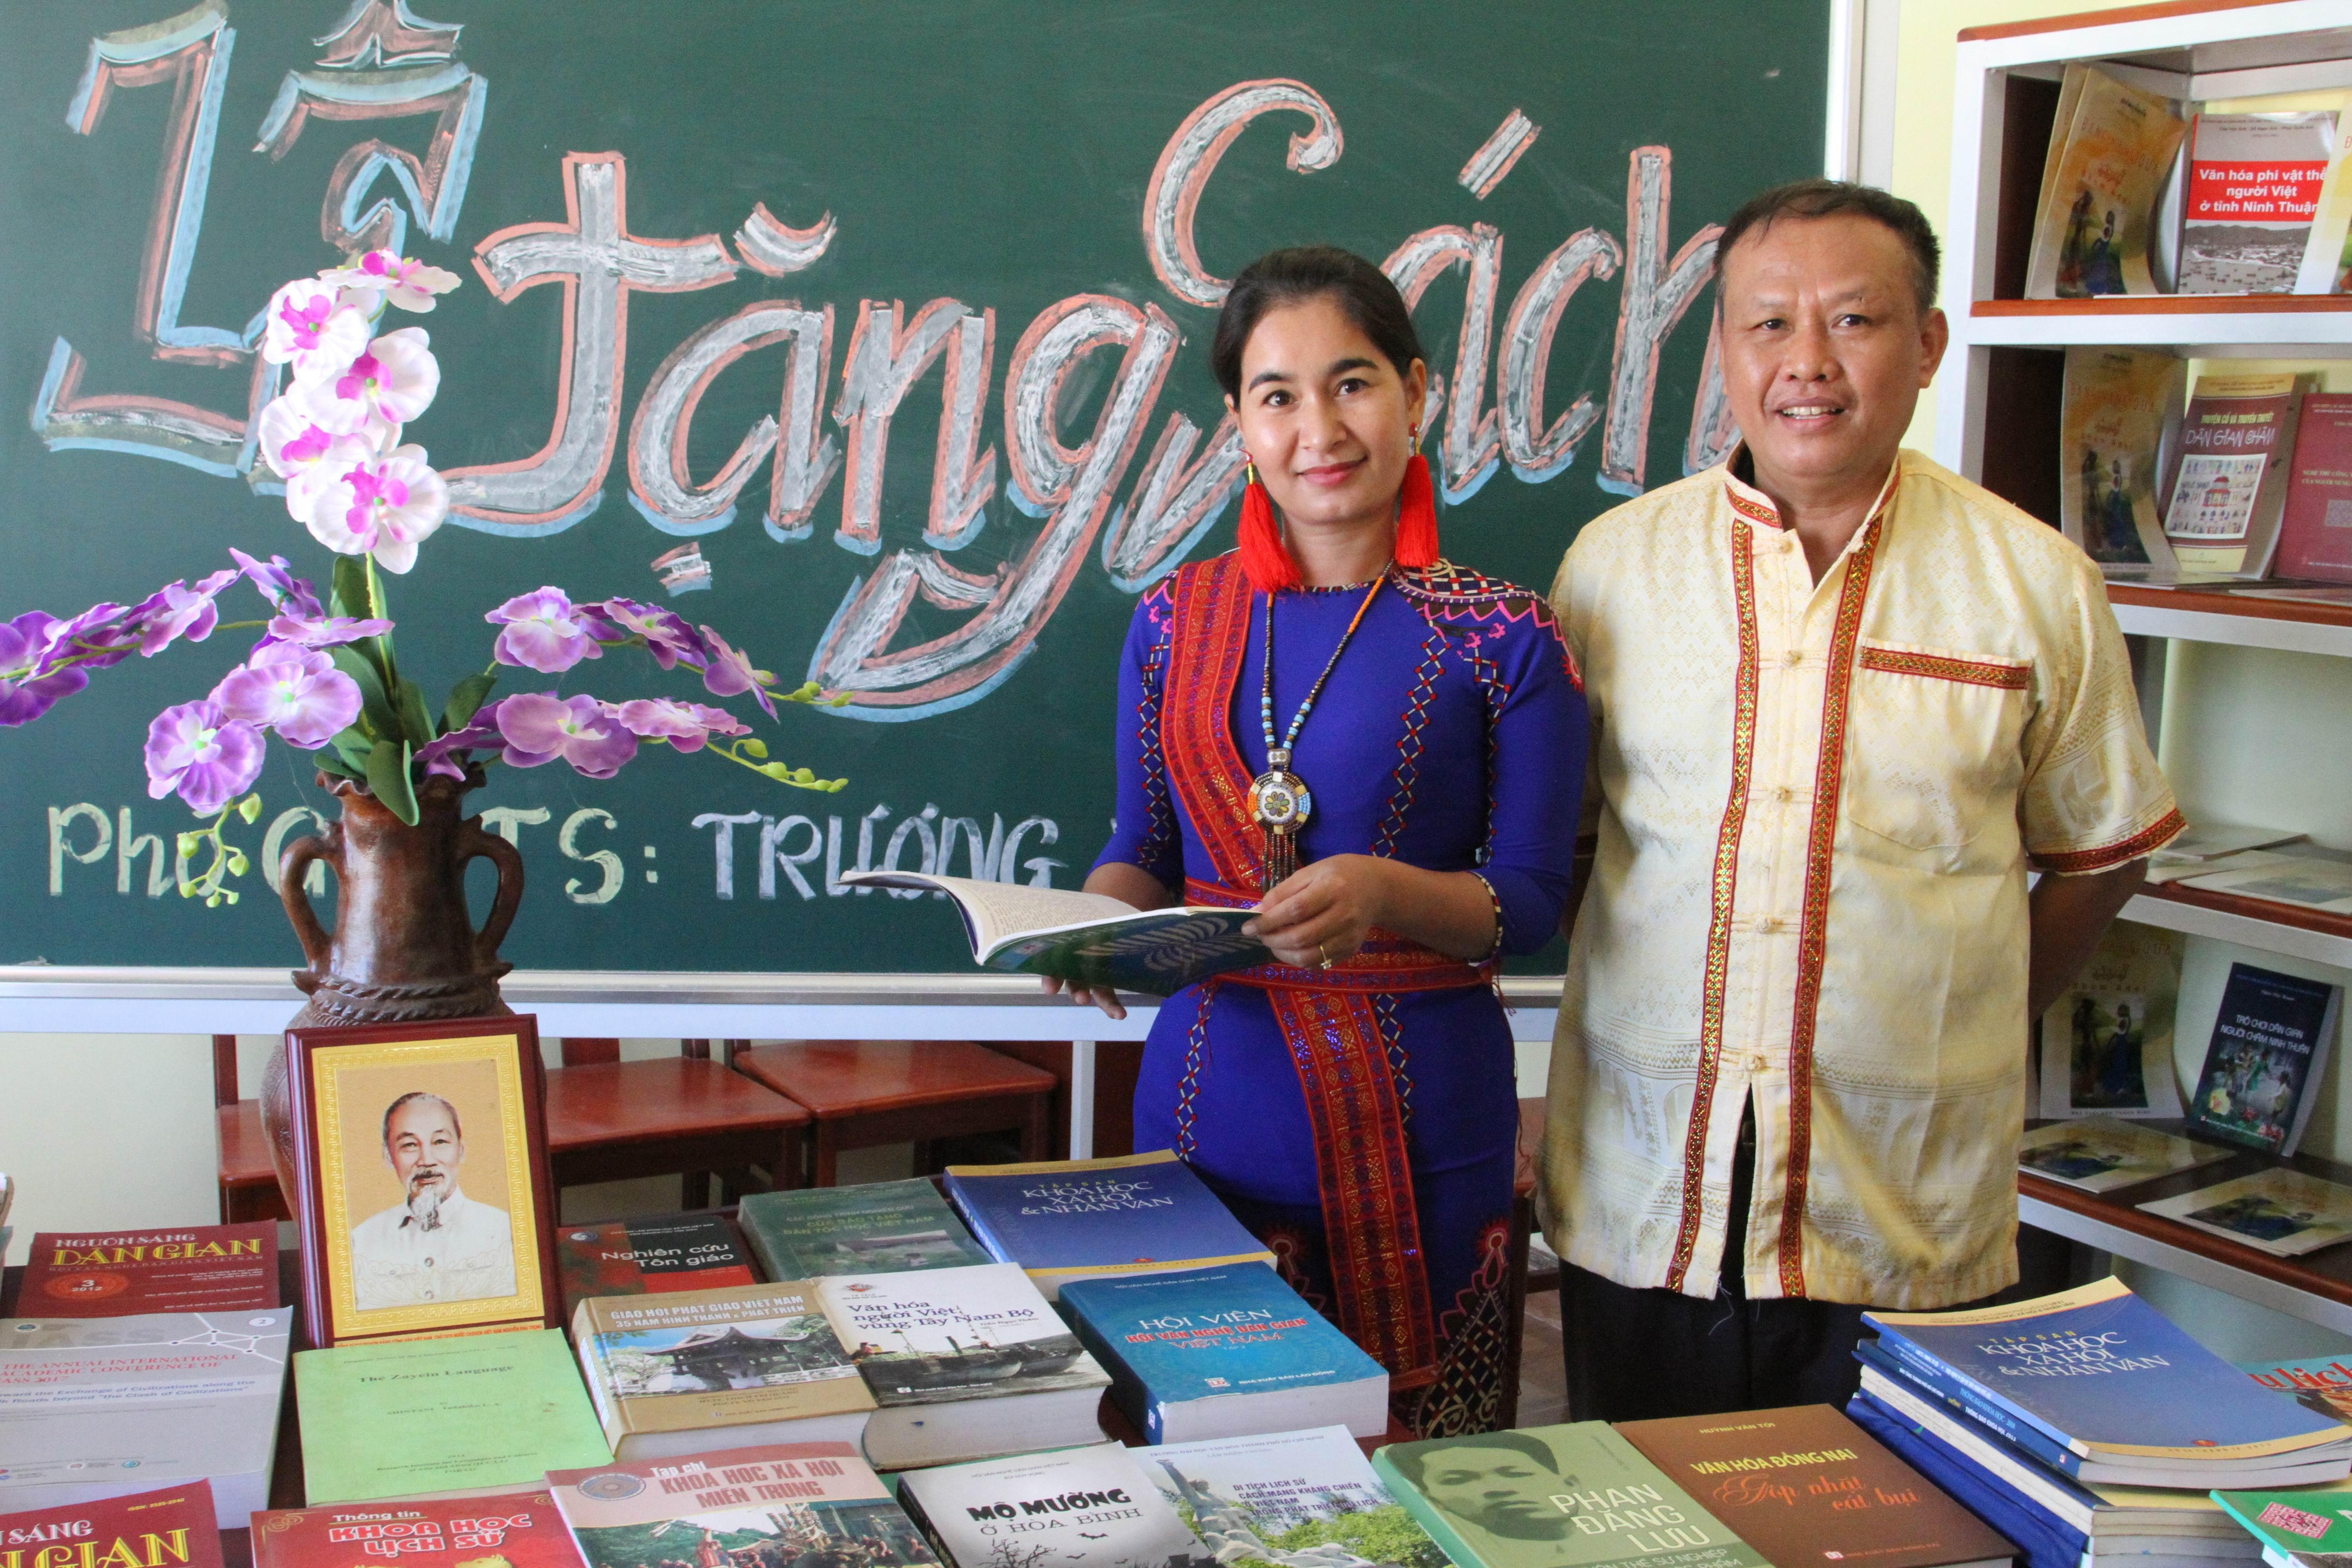 PGS.TS Trương Văn Món giảng viên cao cấp Trường Đại học Khoa học Xã hội và Nhân văn TP. Hồ Chí Minh trao tặng sách cho Nhà sinh hoạt cộng đồng làng Chăm Bàu Trúc.